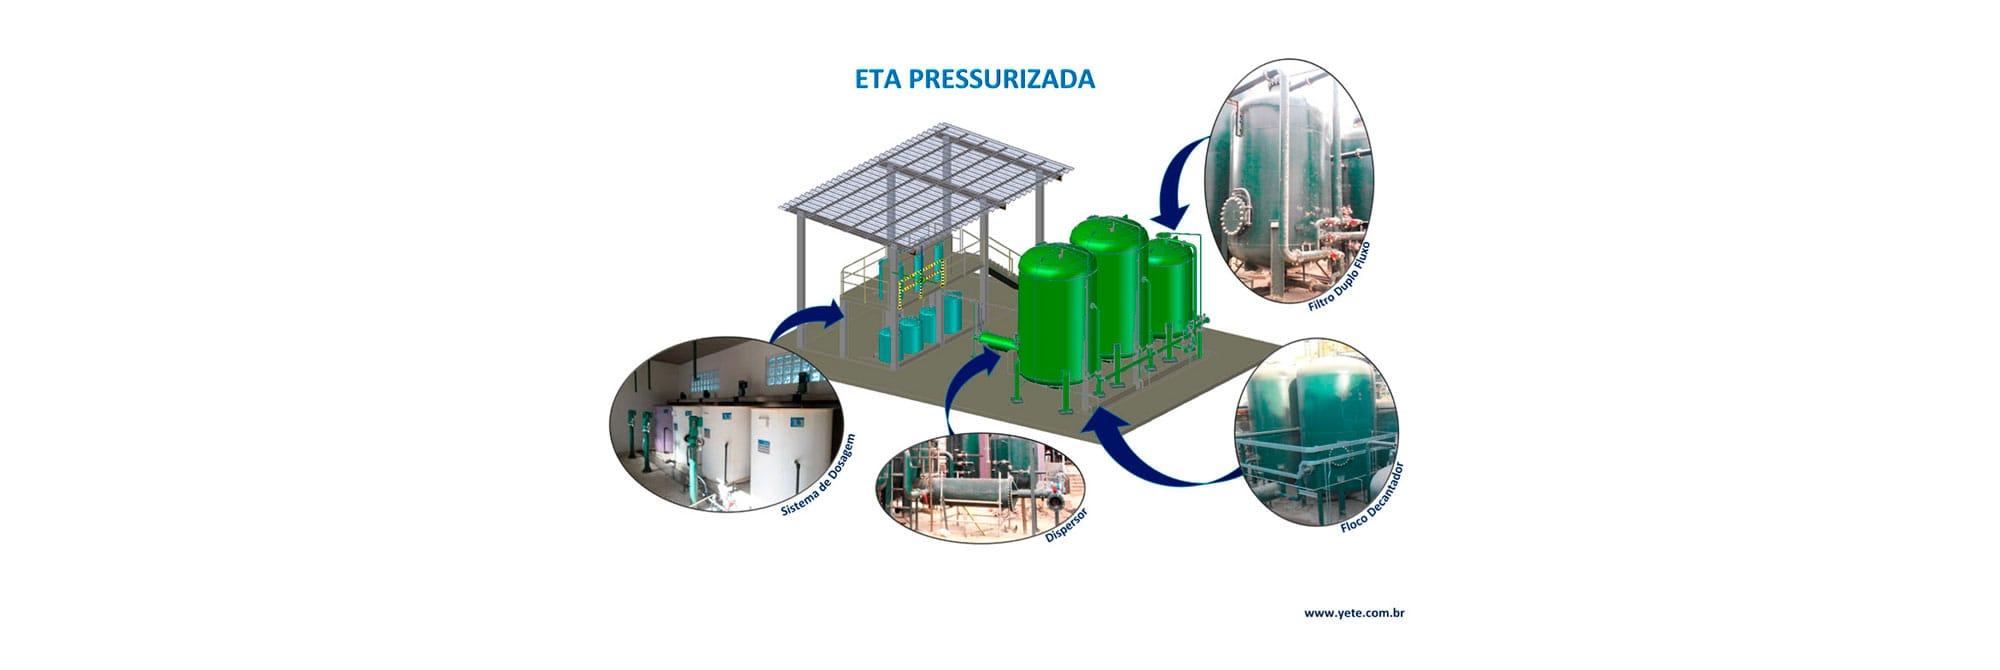 Estação de Tratamento de Água Pressurizada